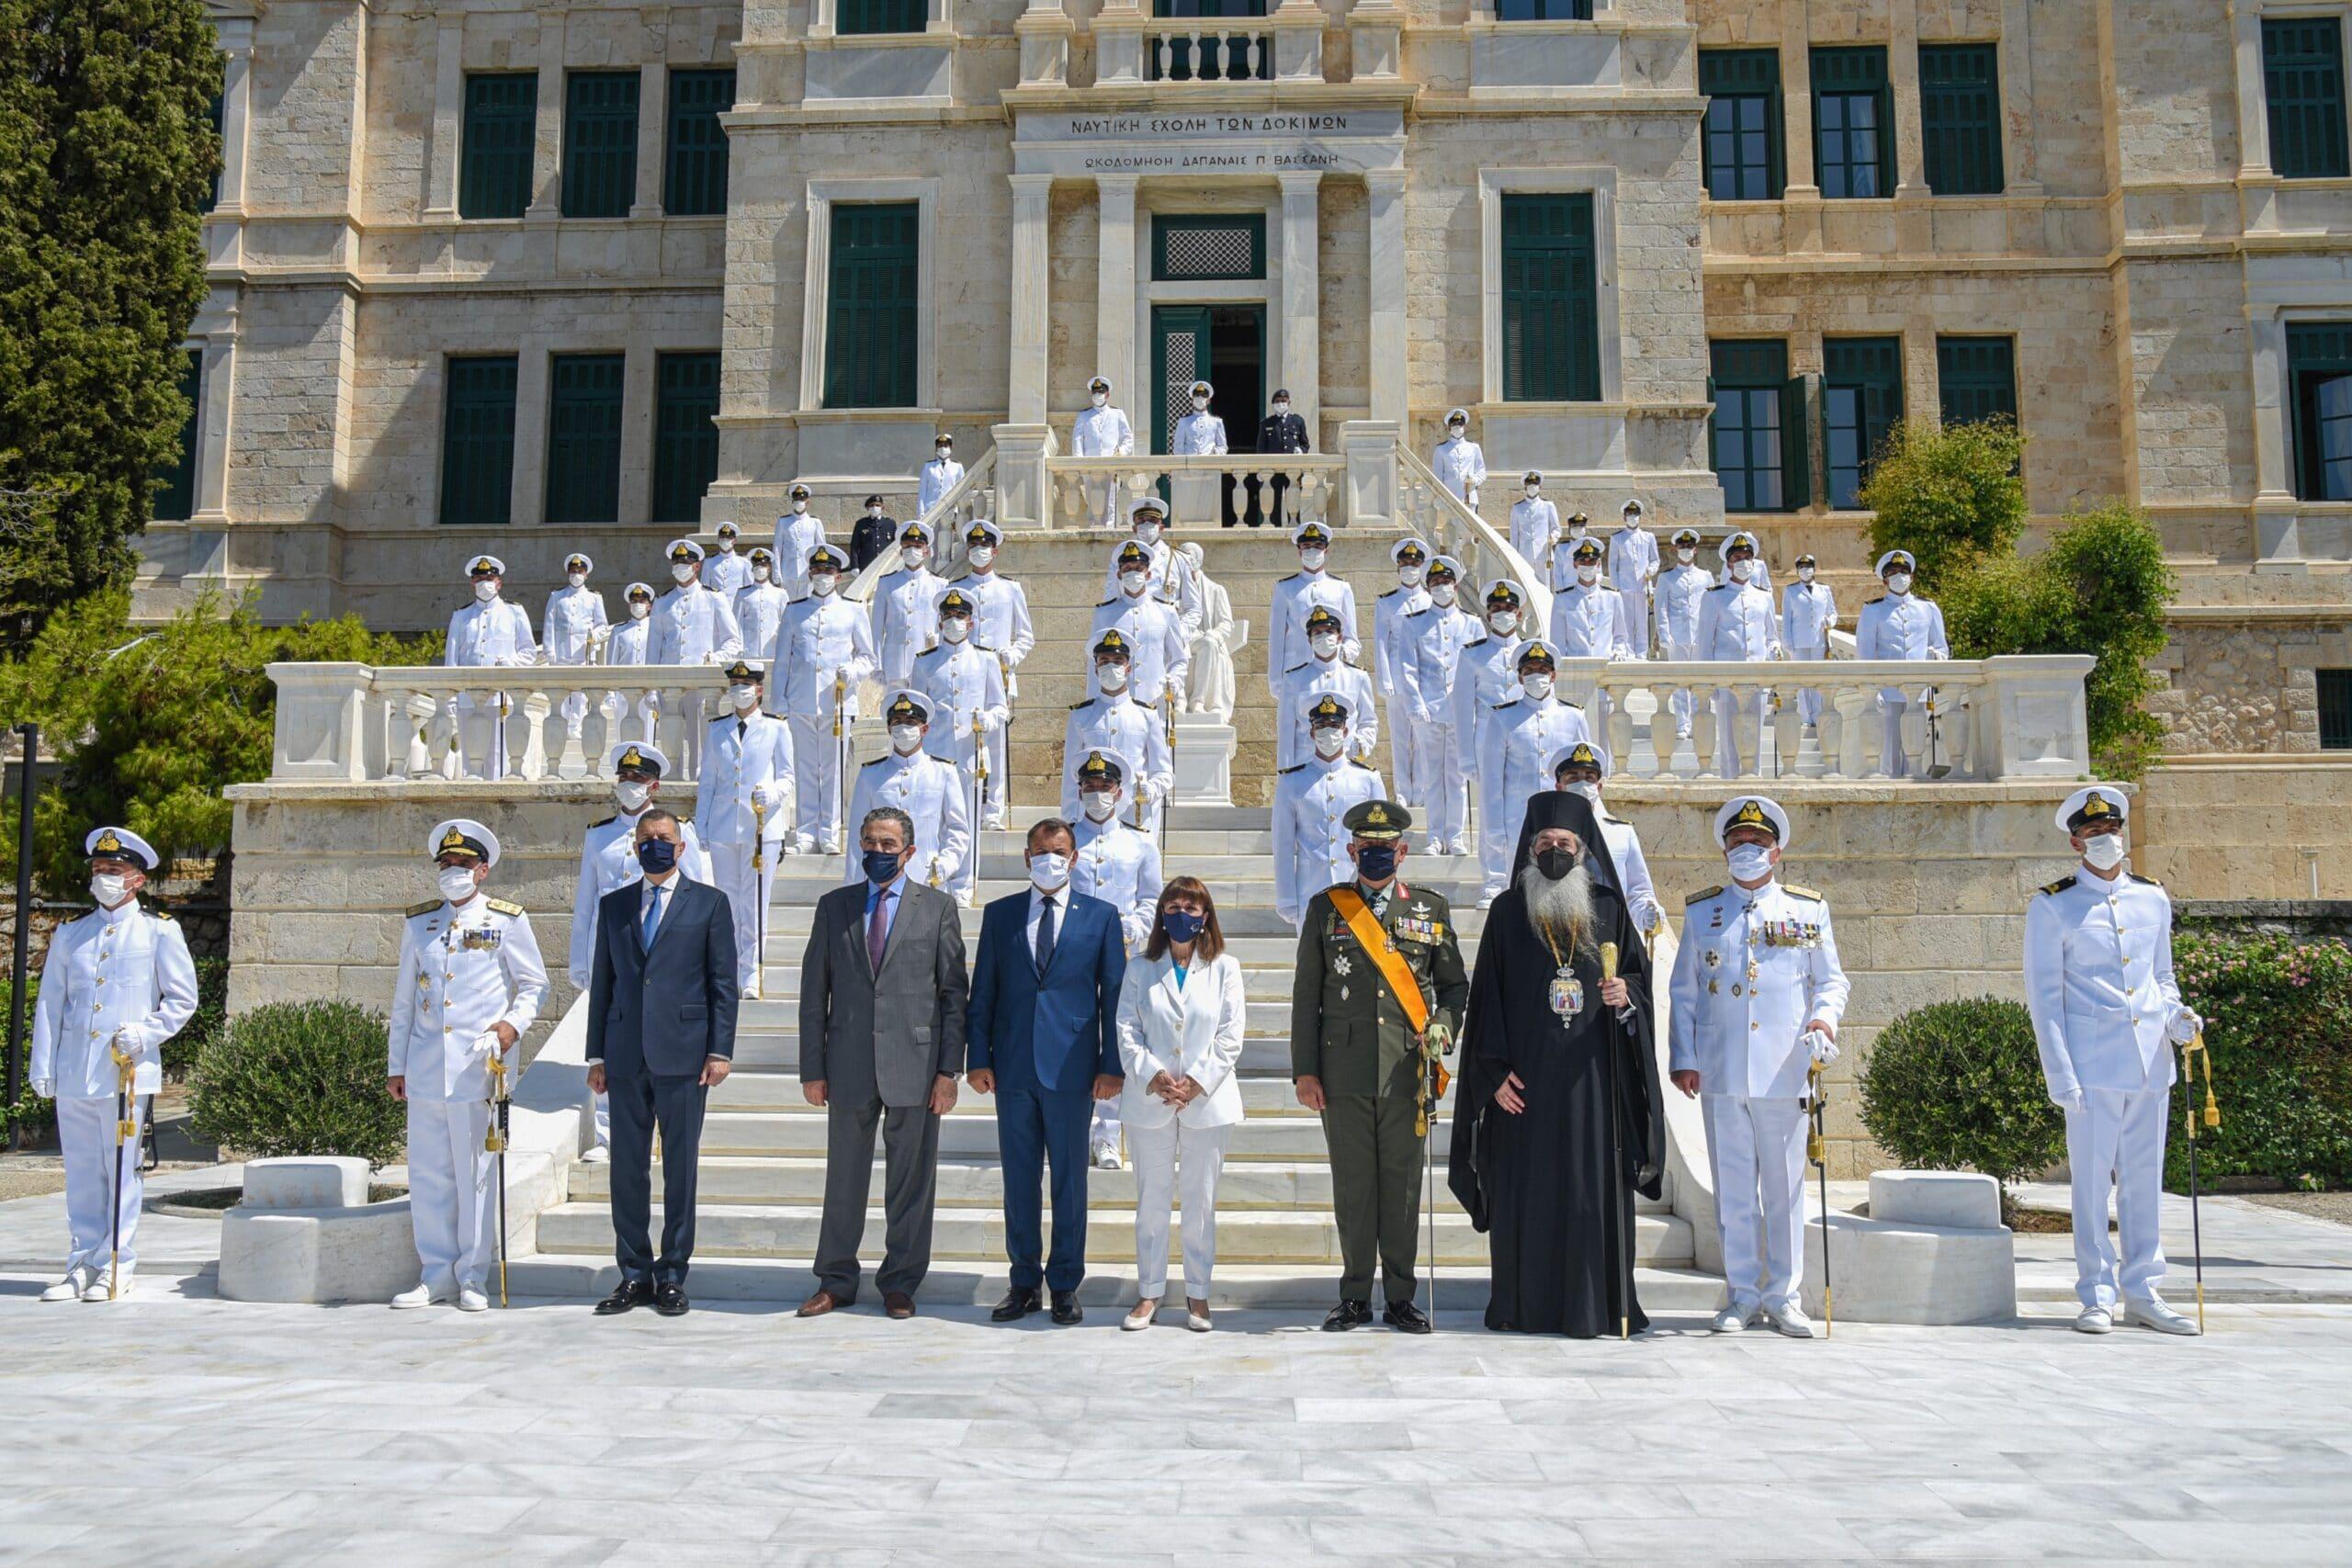 Εκπροσώπηση του Ελληνικού Κοινοβουλίου στην τελετή ορκωμοσίας των νέων Σημαιοφόρων τάξεως 2021